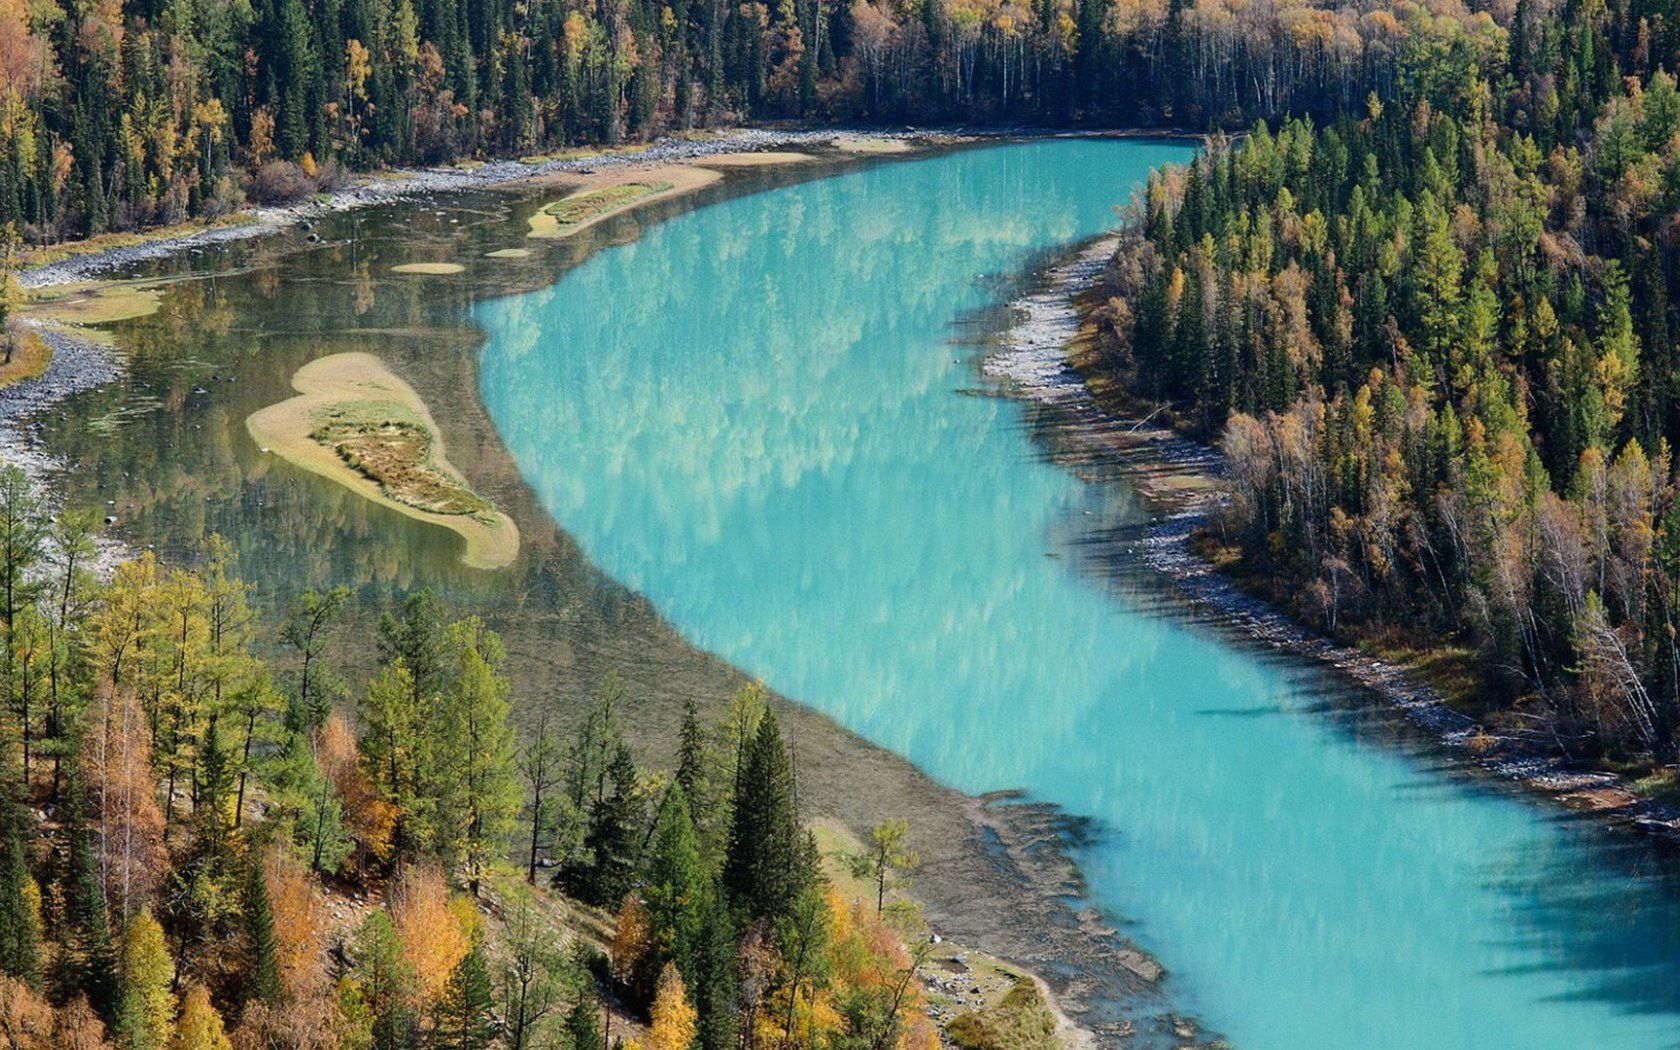 تفسير رؤية النهر في المنام للعزباء موسوعة Places To Visit Visiting River